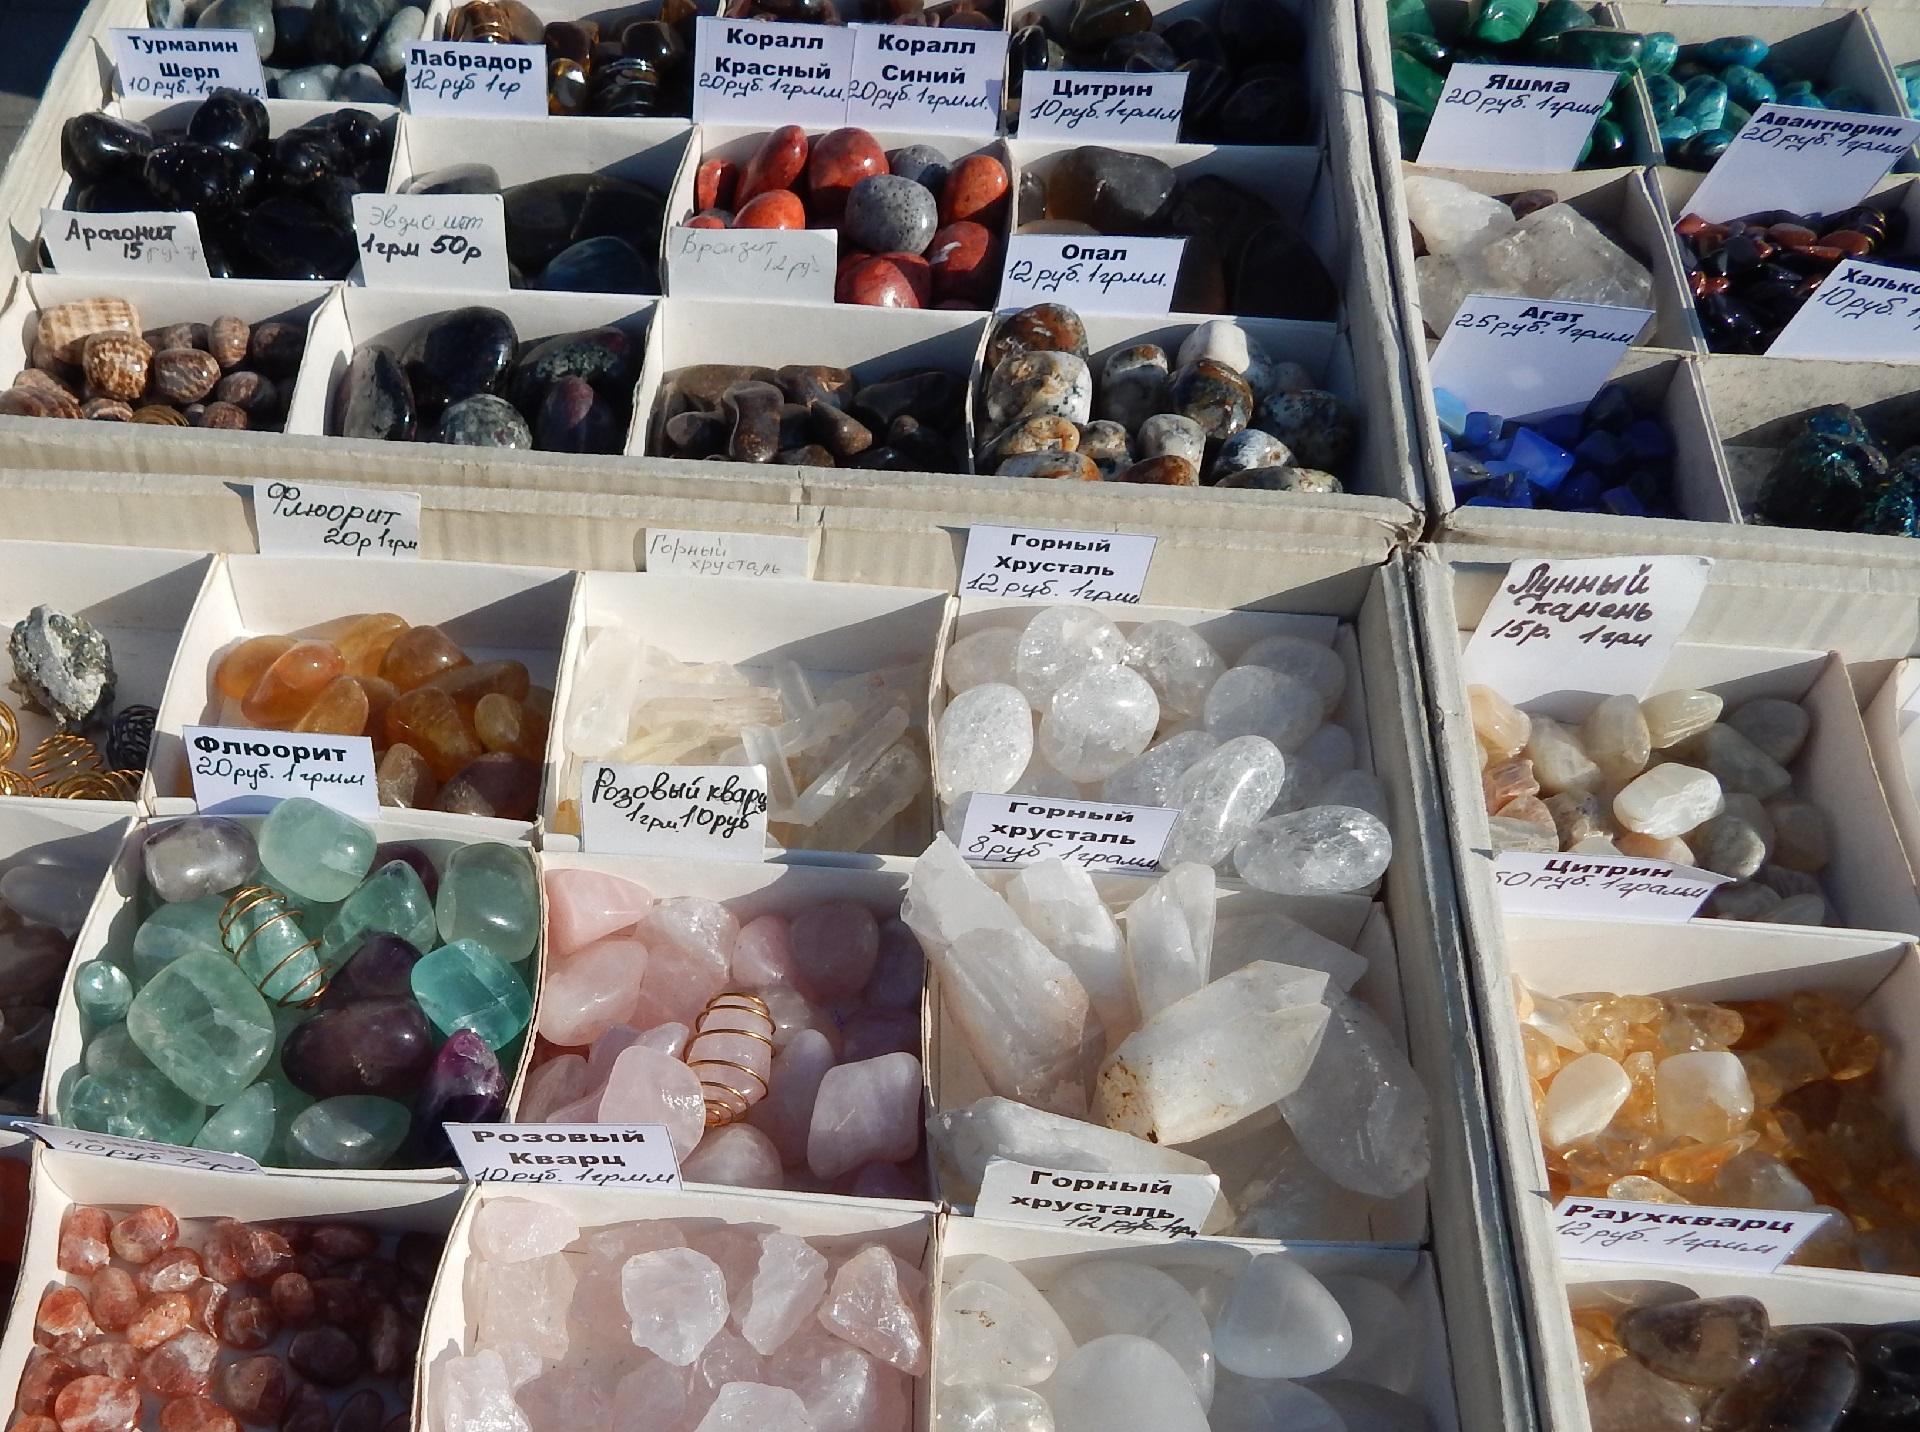 Лечебные свойства минералов и драгоценных камней || Целебные свойства камней минералов металлов